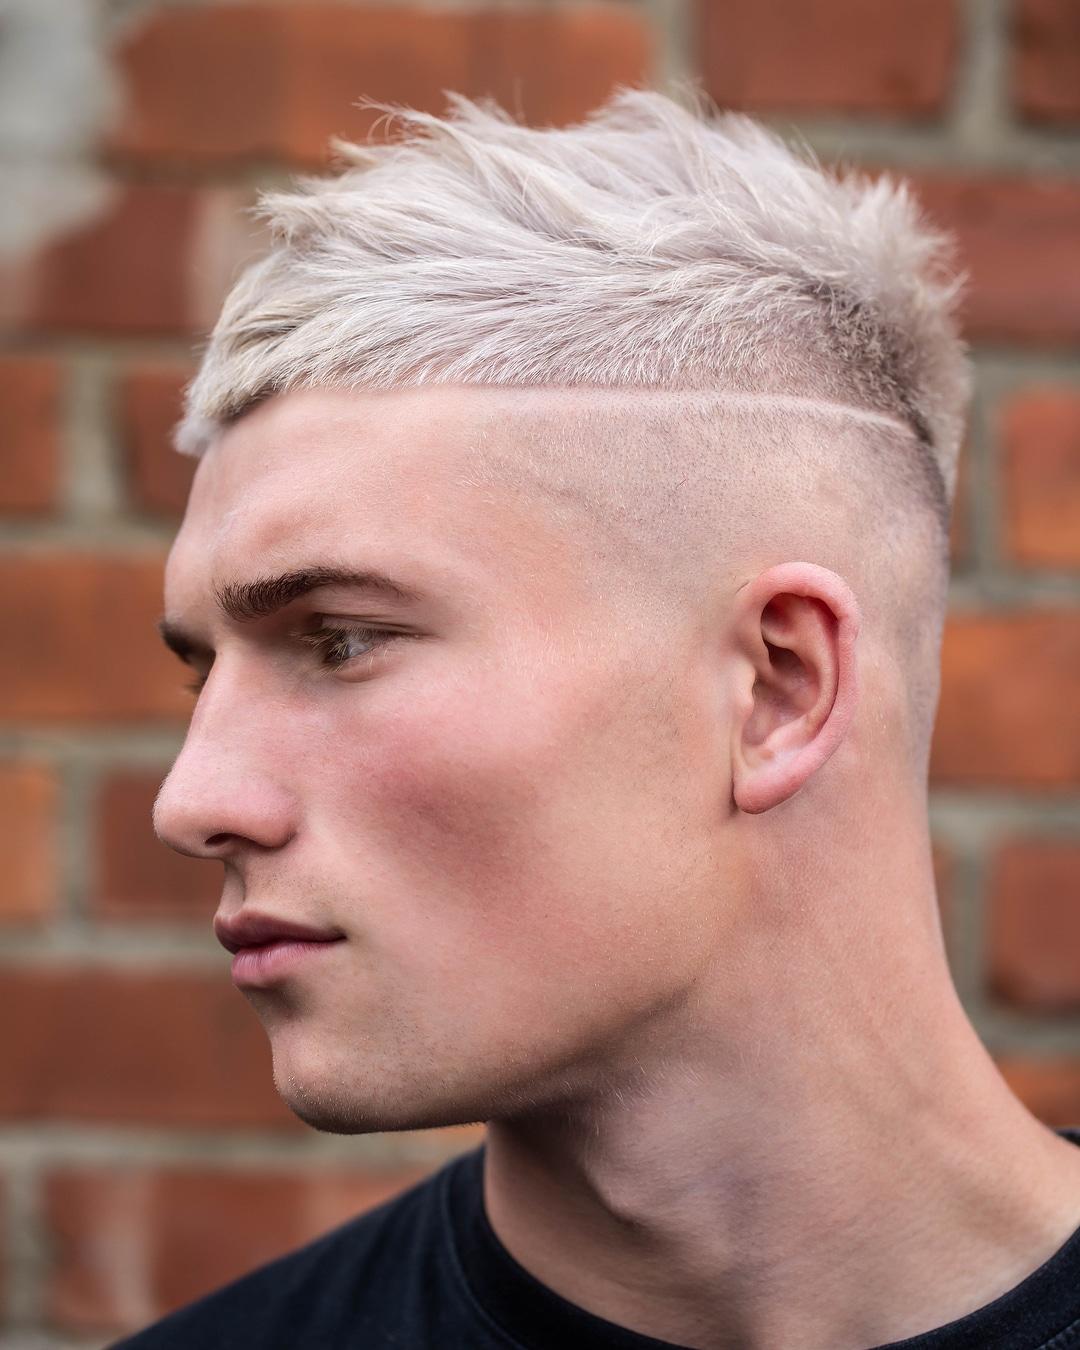 Crop Haircut For Short Hair